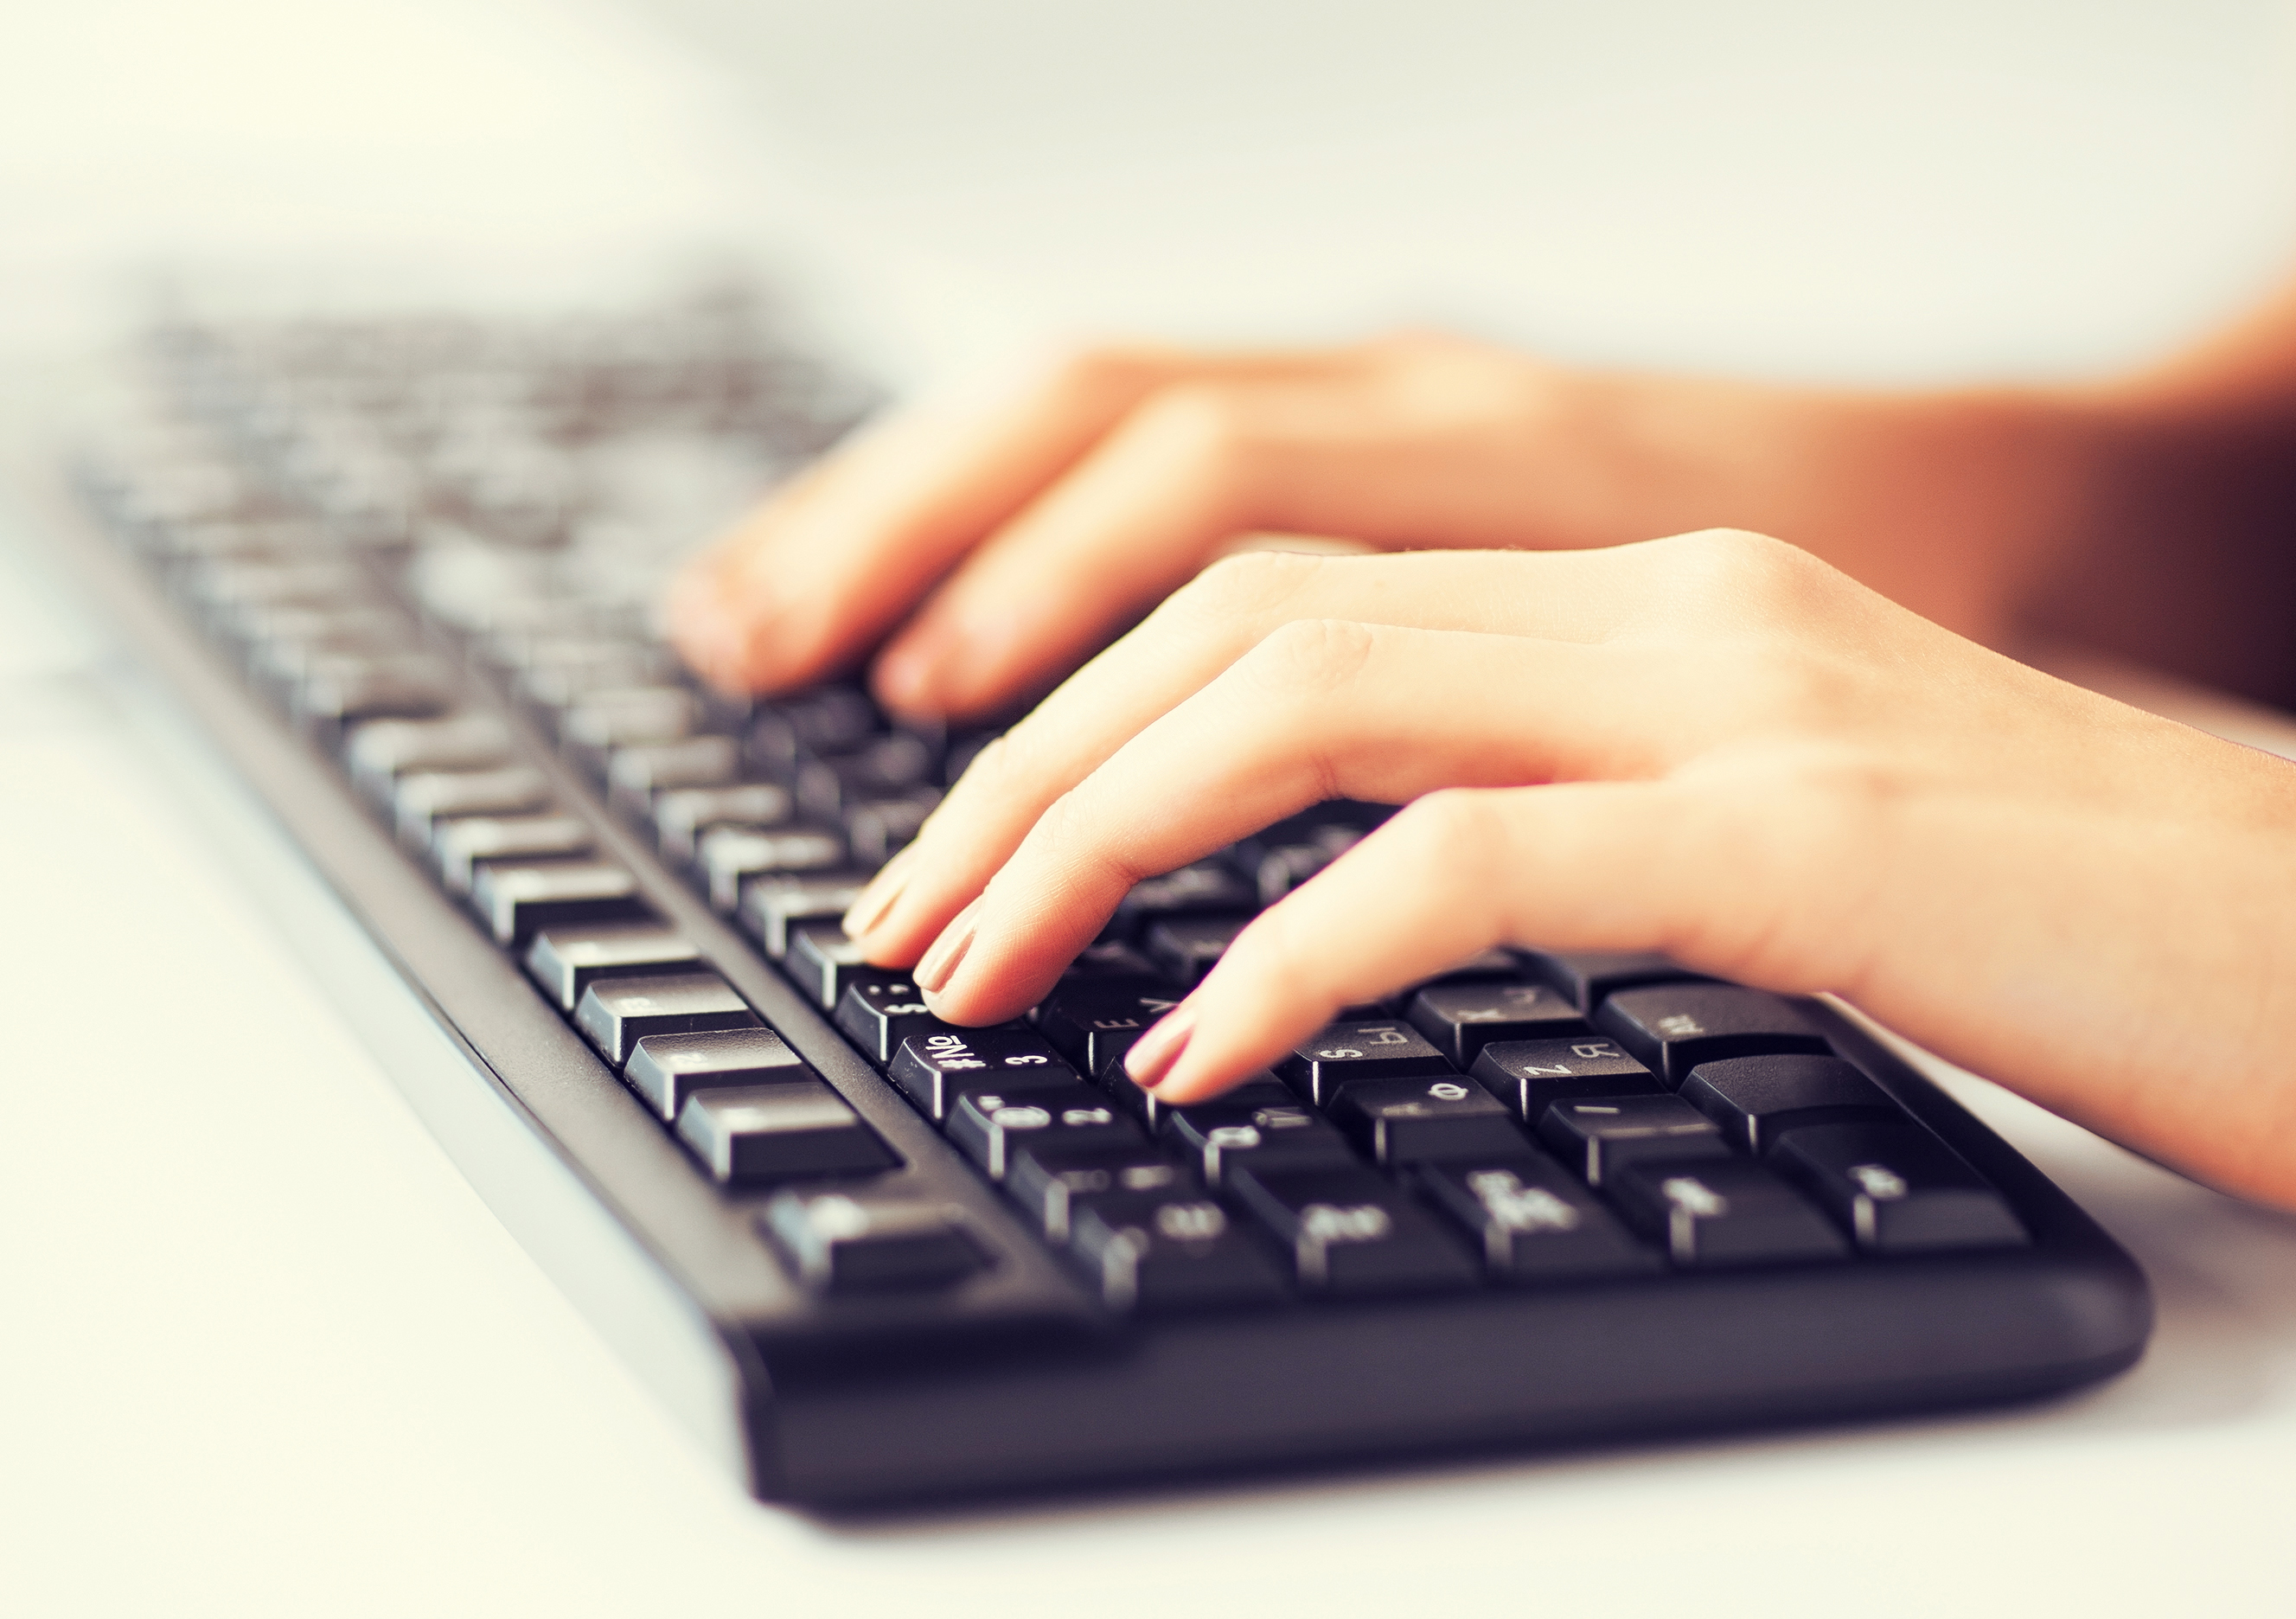 블로그 마케팅, 새로운 패러다임이 필요하다